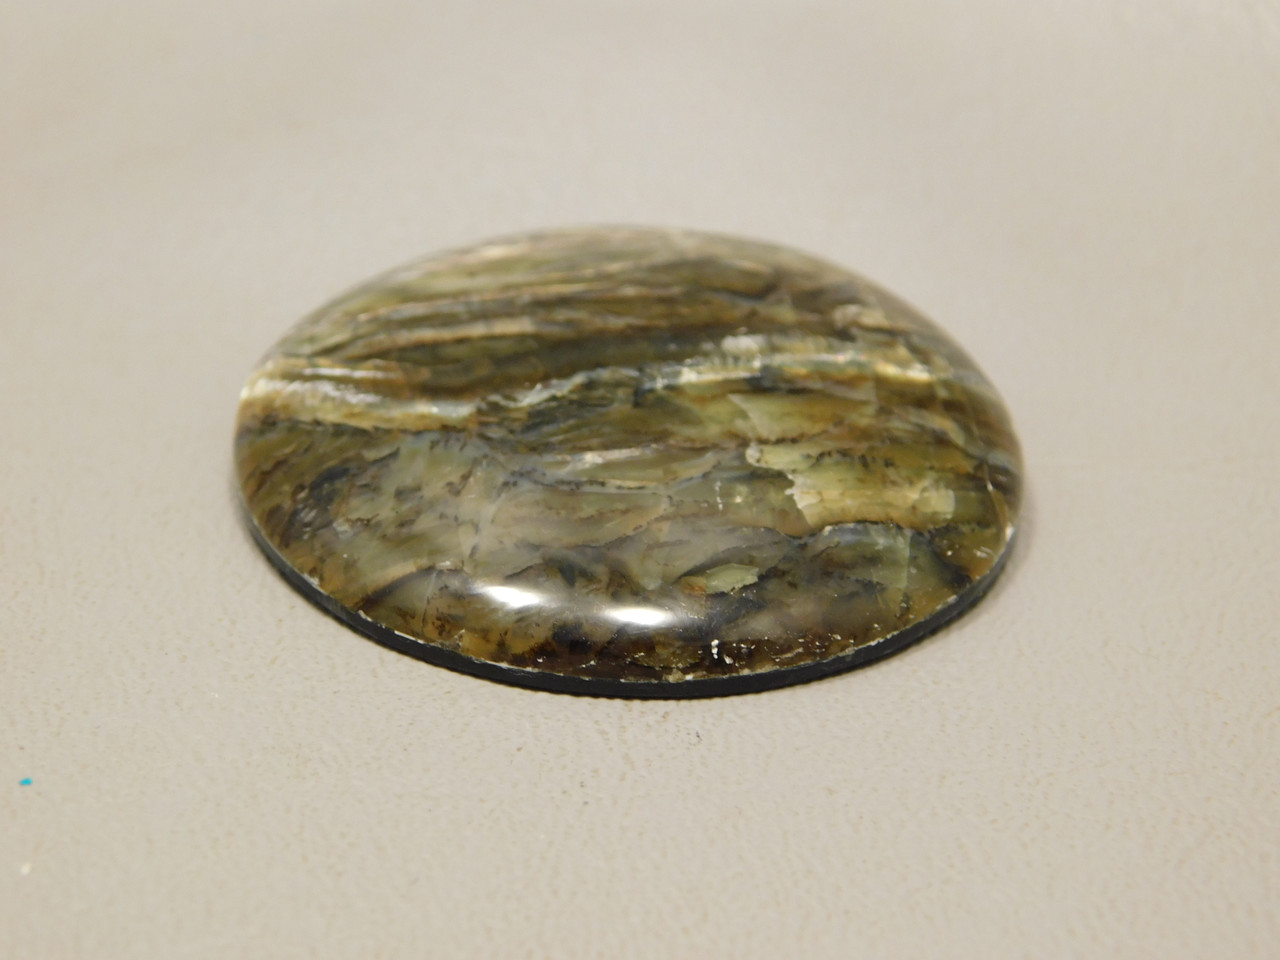 Arizona Tigereye Chatoyant Stone Cabochon 43 mm Round #10